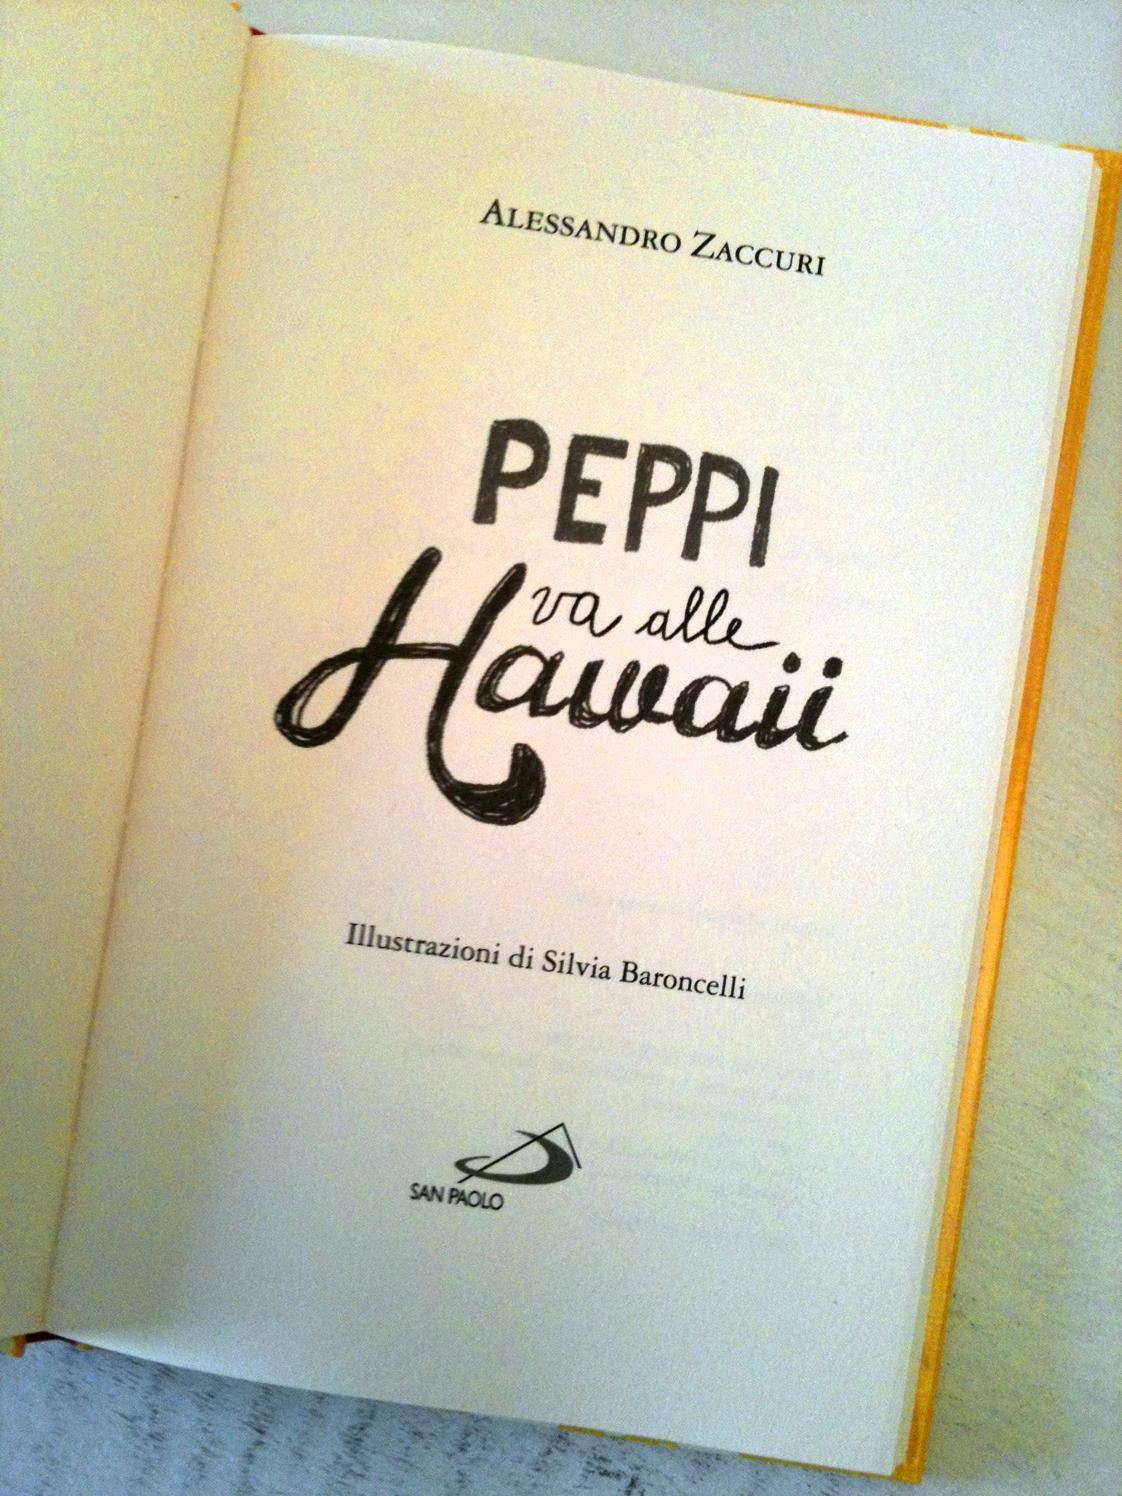 Silvia Baroncelli_A. Zaccuri_Peppi va alle hawaii 1